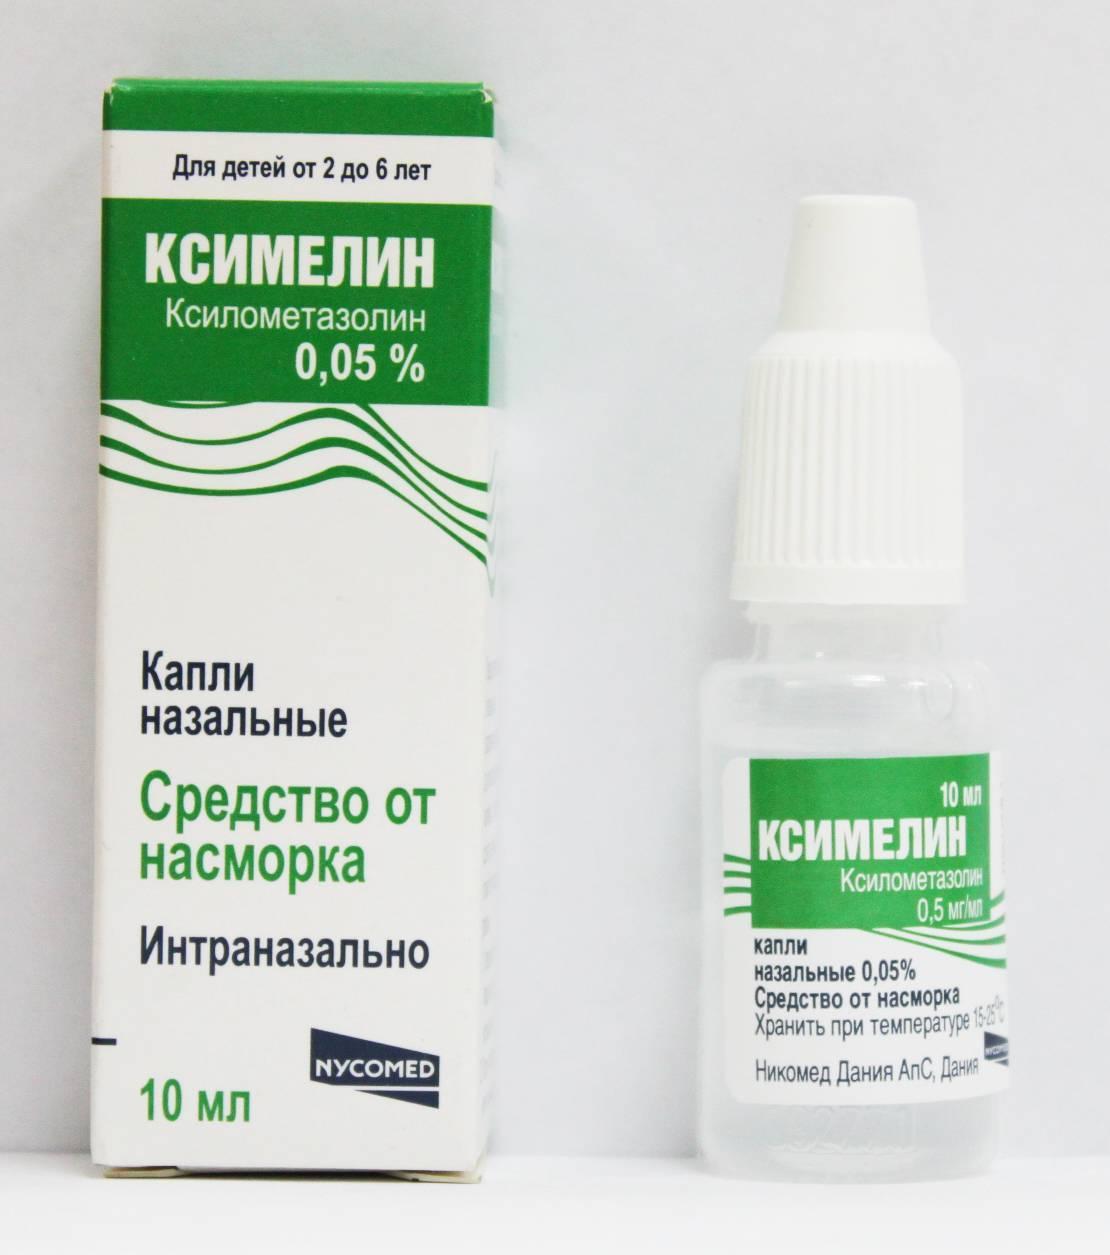 Препараты от насморка: рекомендуем правильно!